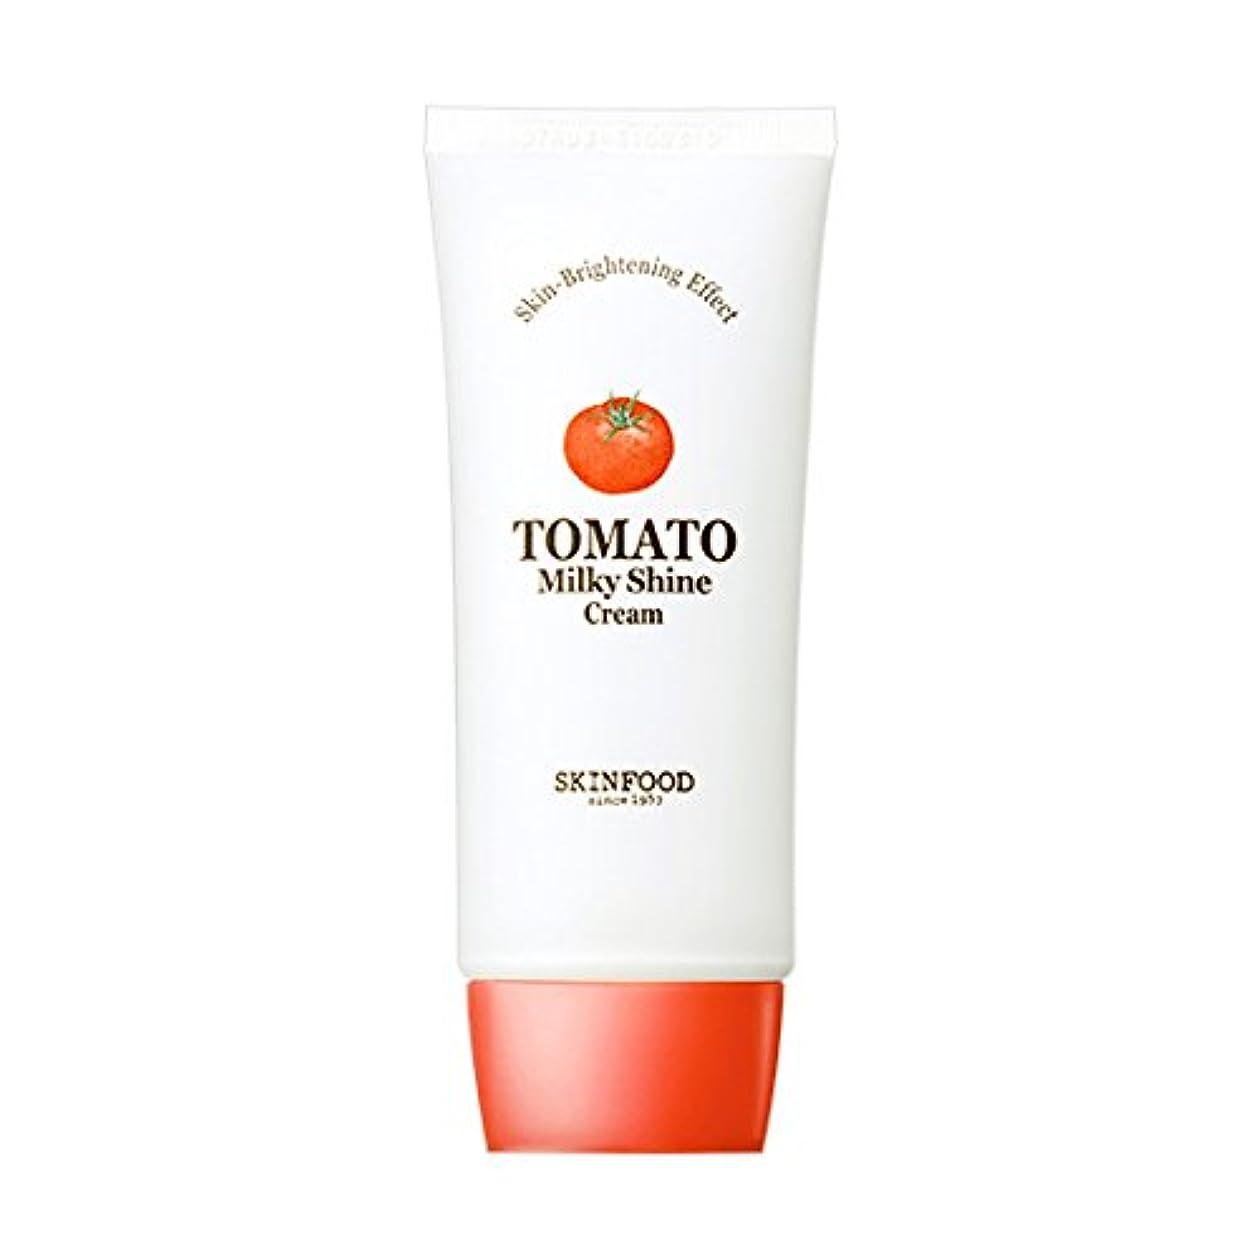 ピストン連隊ラインSkinfood トマトミルキーシャインクリーム/omato Milky Shine Cream 50ml [並行輸入品]